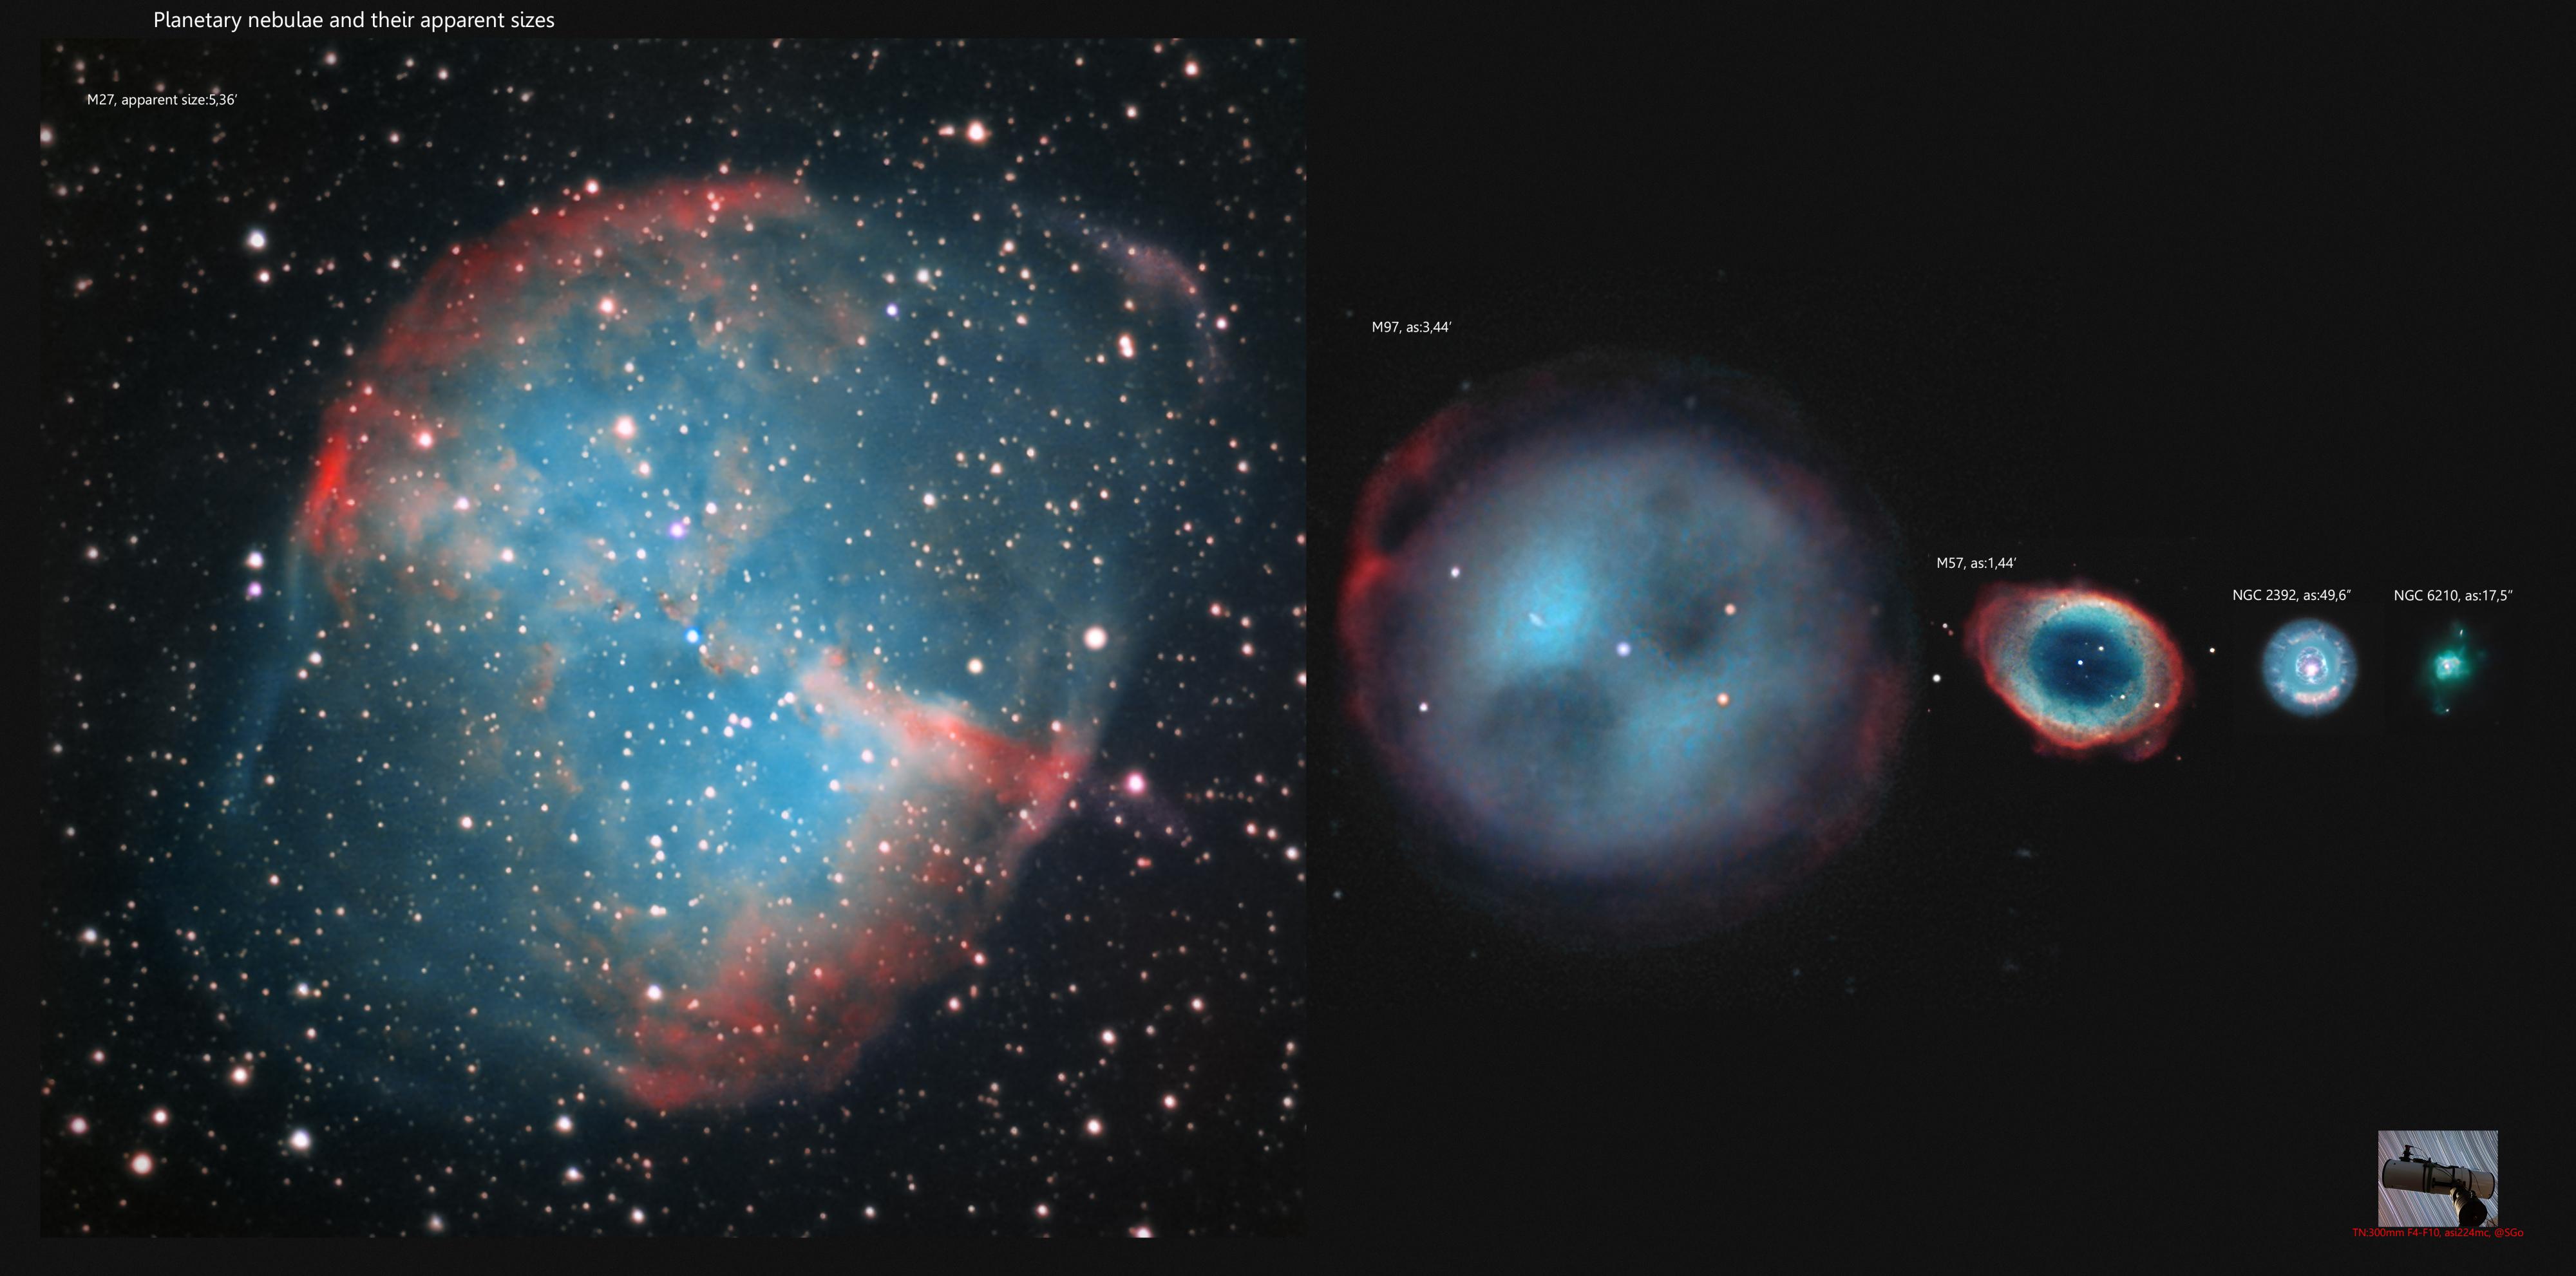 un comparatif avec d'autres nebuleuse planetaires